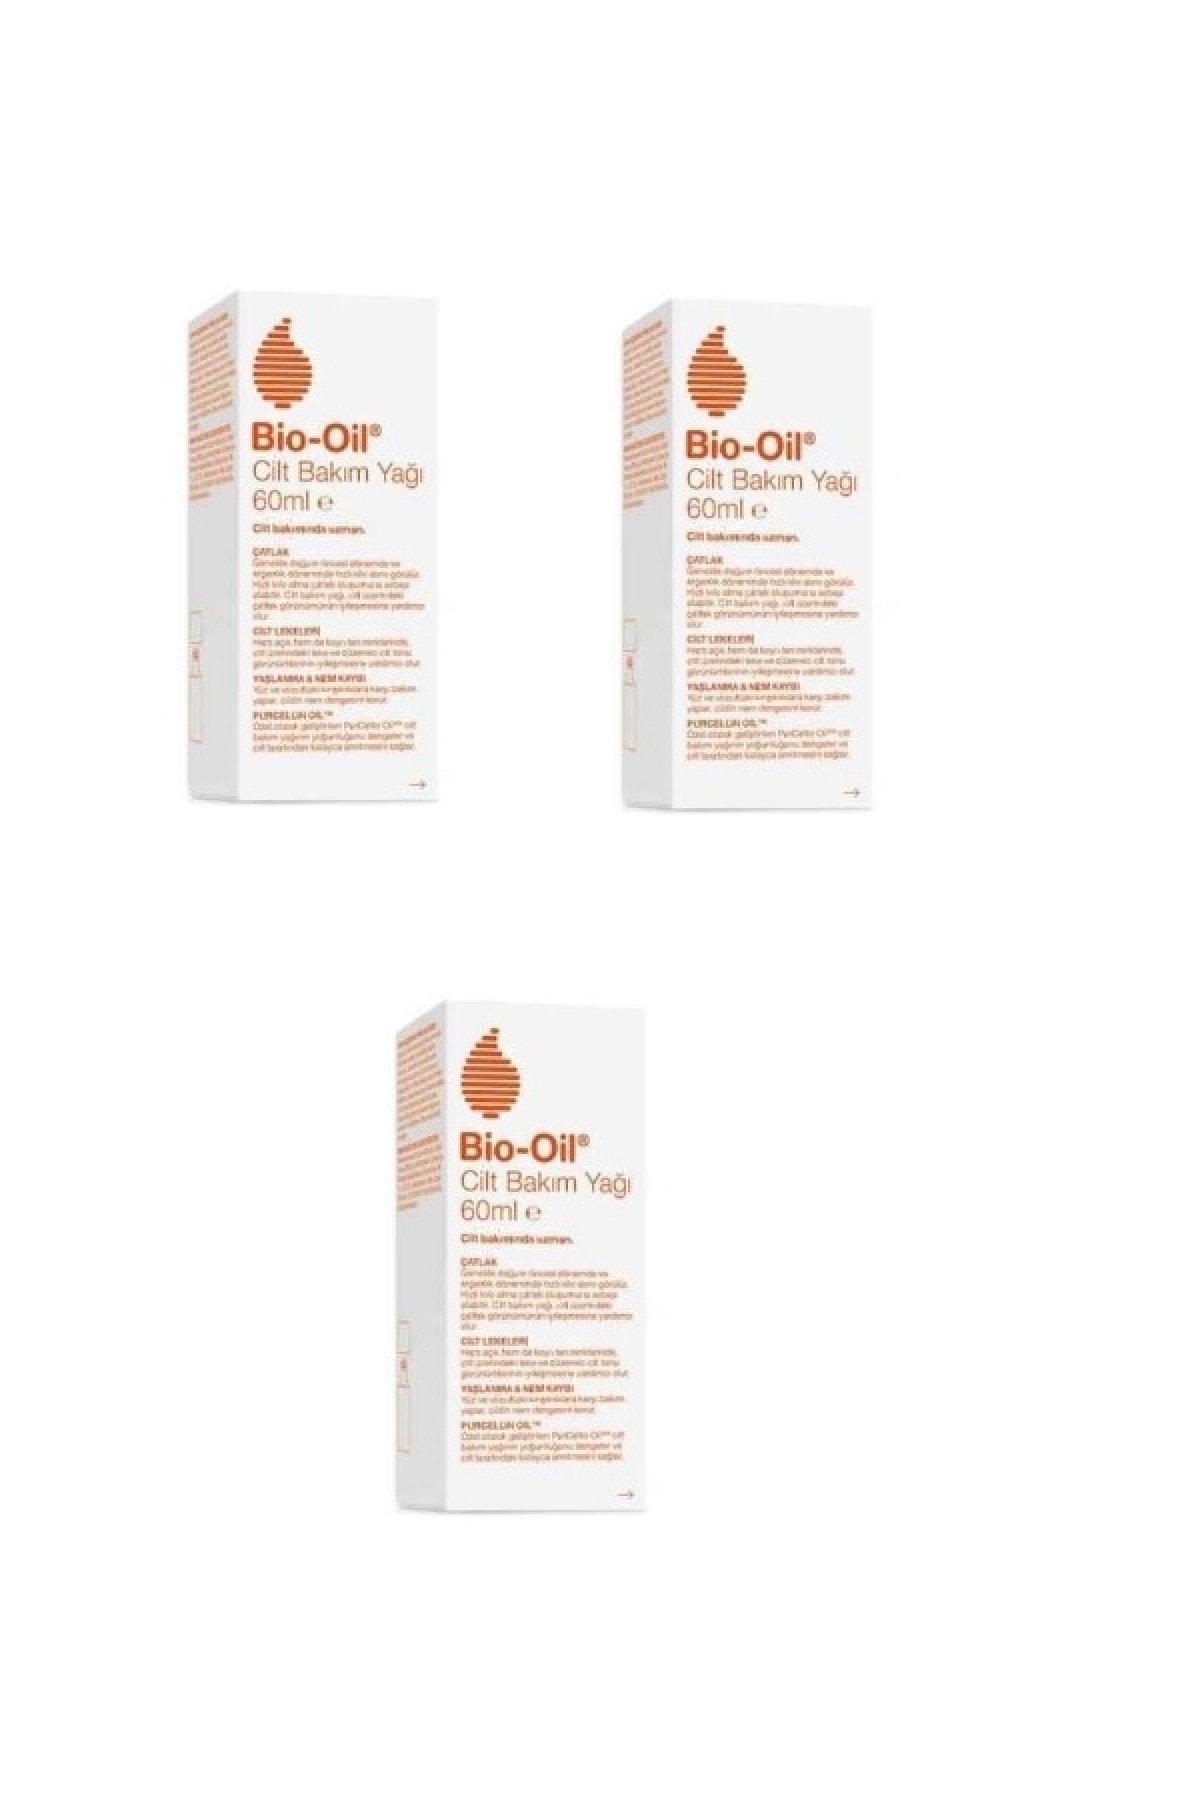 Bio-Oil Bio Oil Cilt Lekelerine Karşı Bakım Yağı 60ml *3 Adet 1